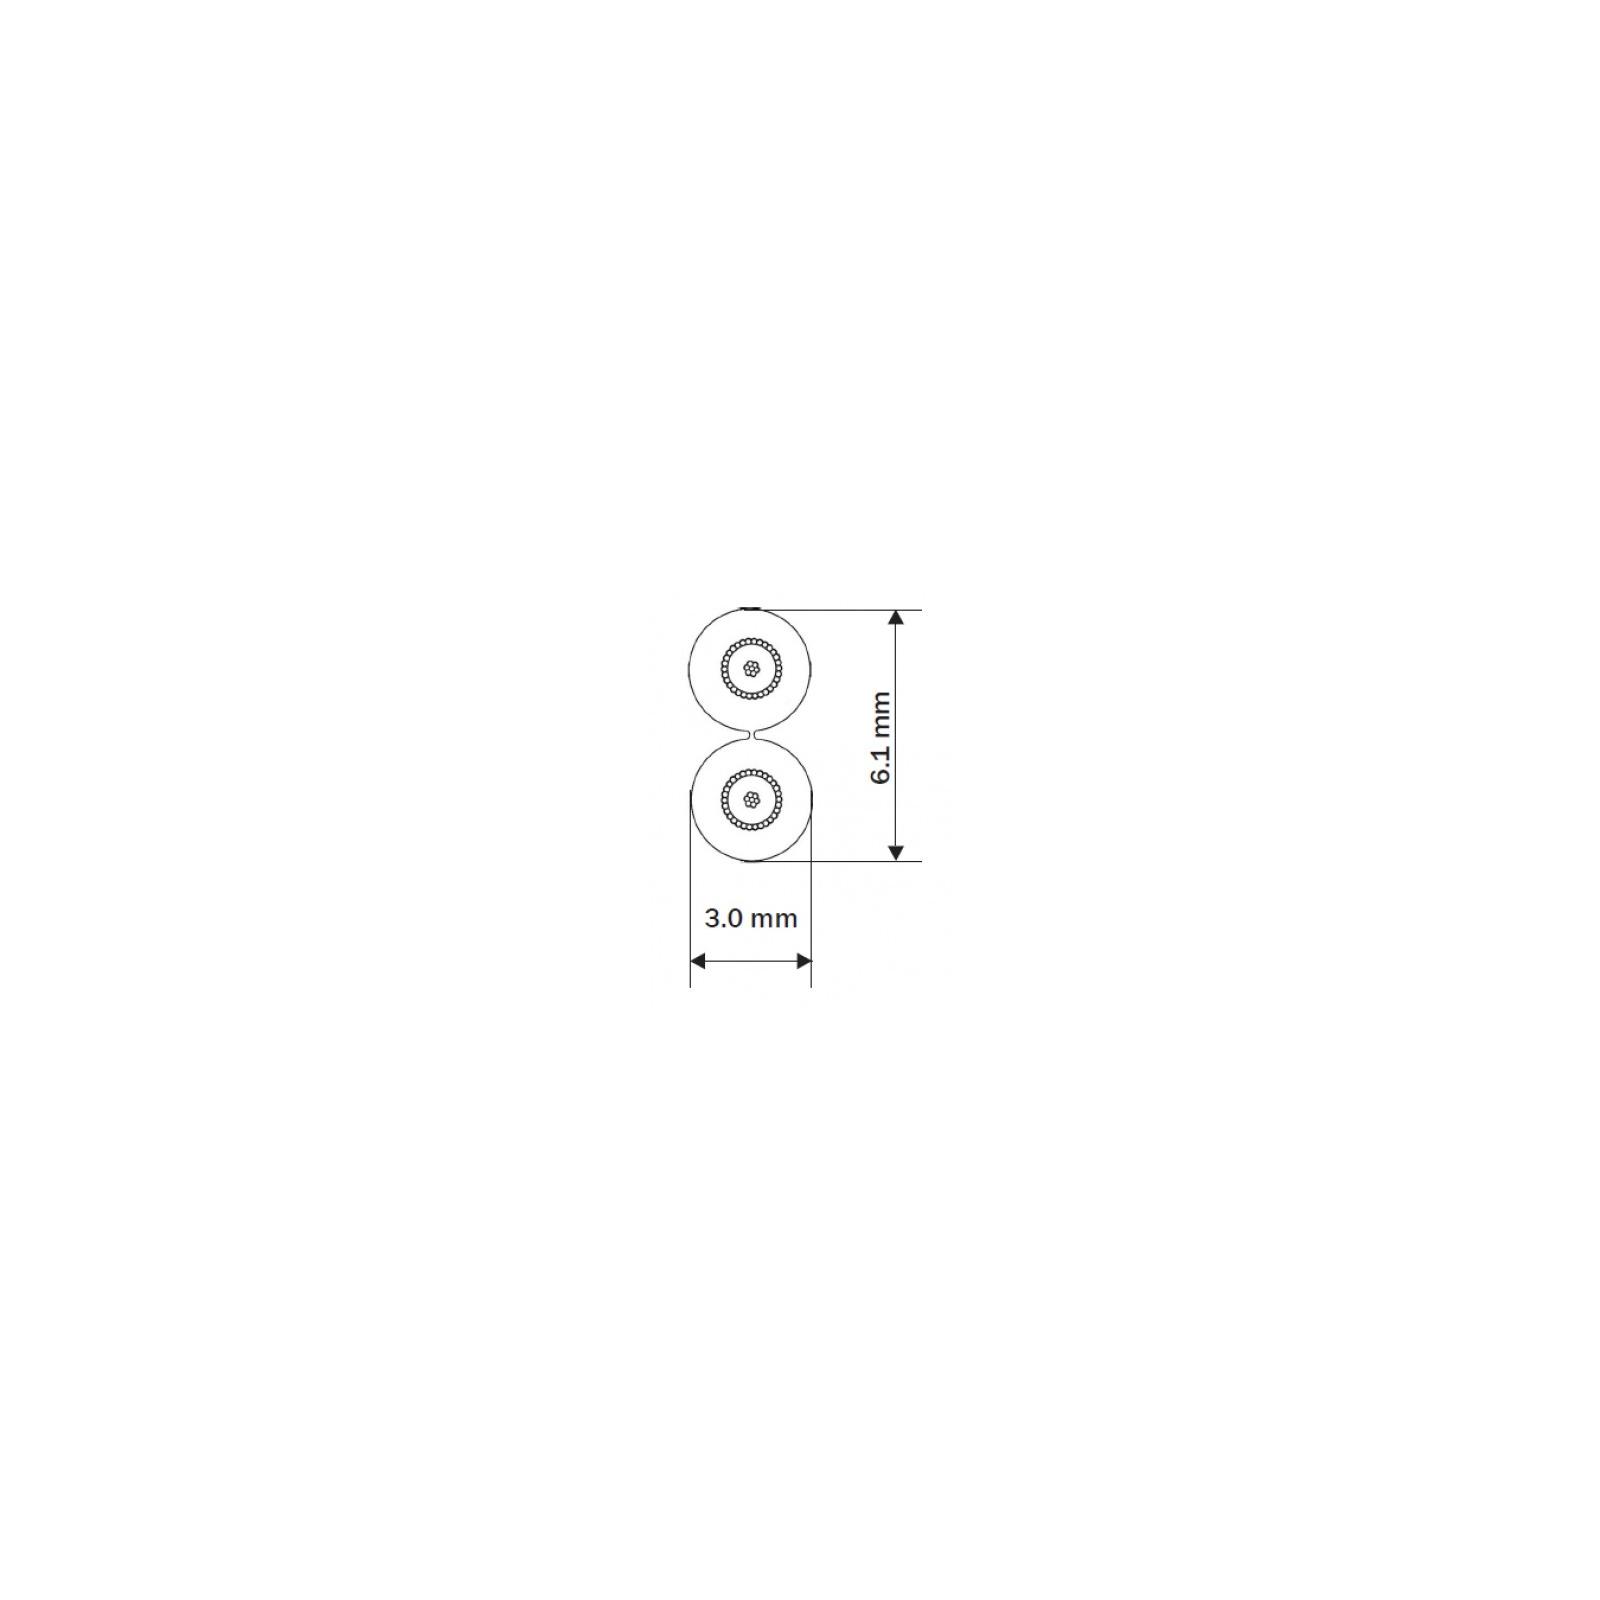 Кабель мультимедийный Jack 3.5mm папа/2RCA папа 1.5m Prolink (PB103-0150) изображение 7